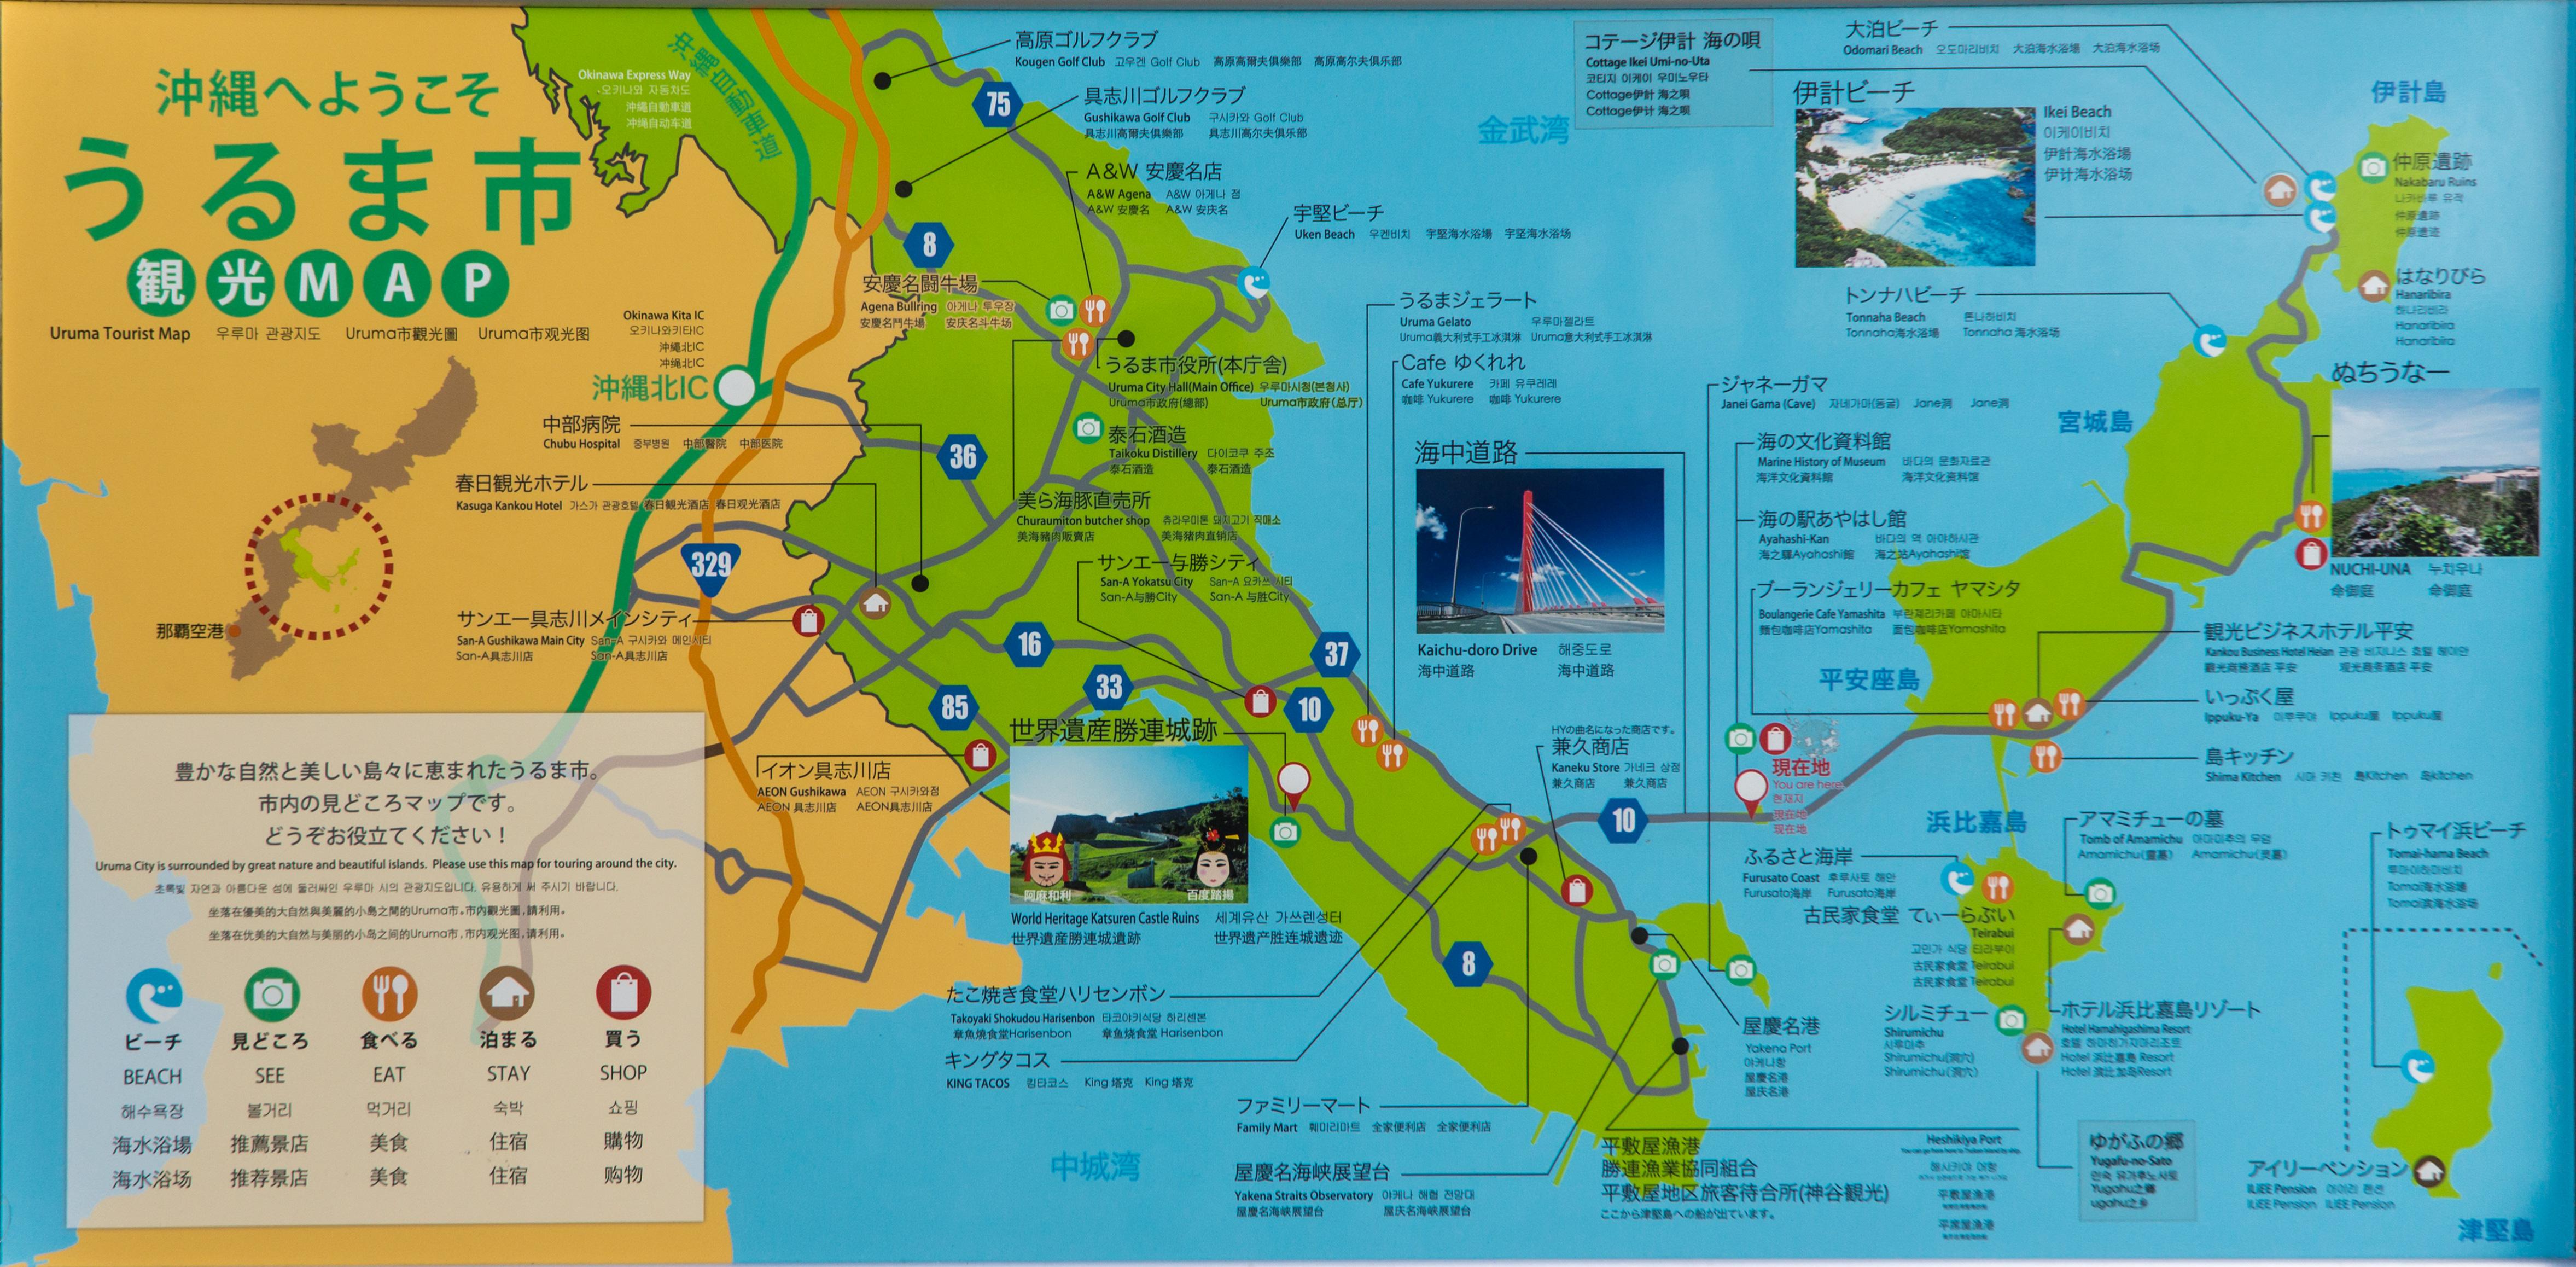 map_uruma141119.jpg